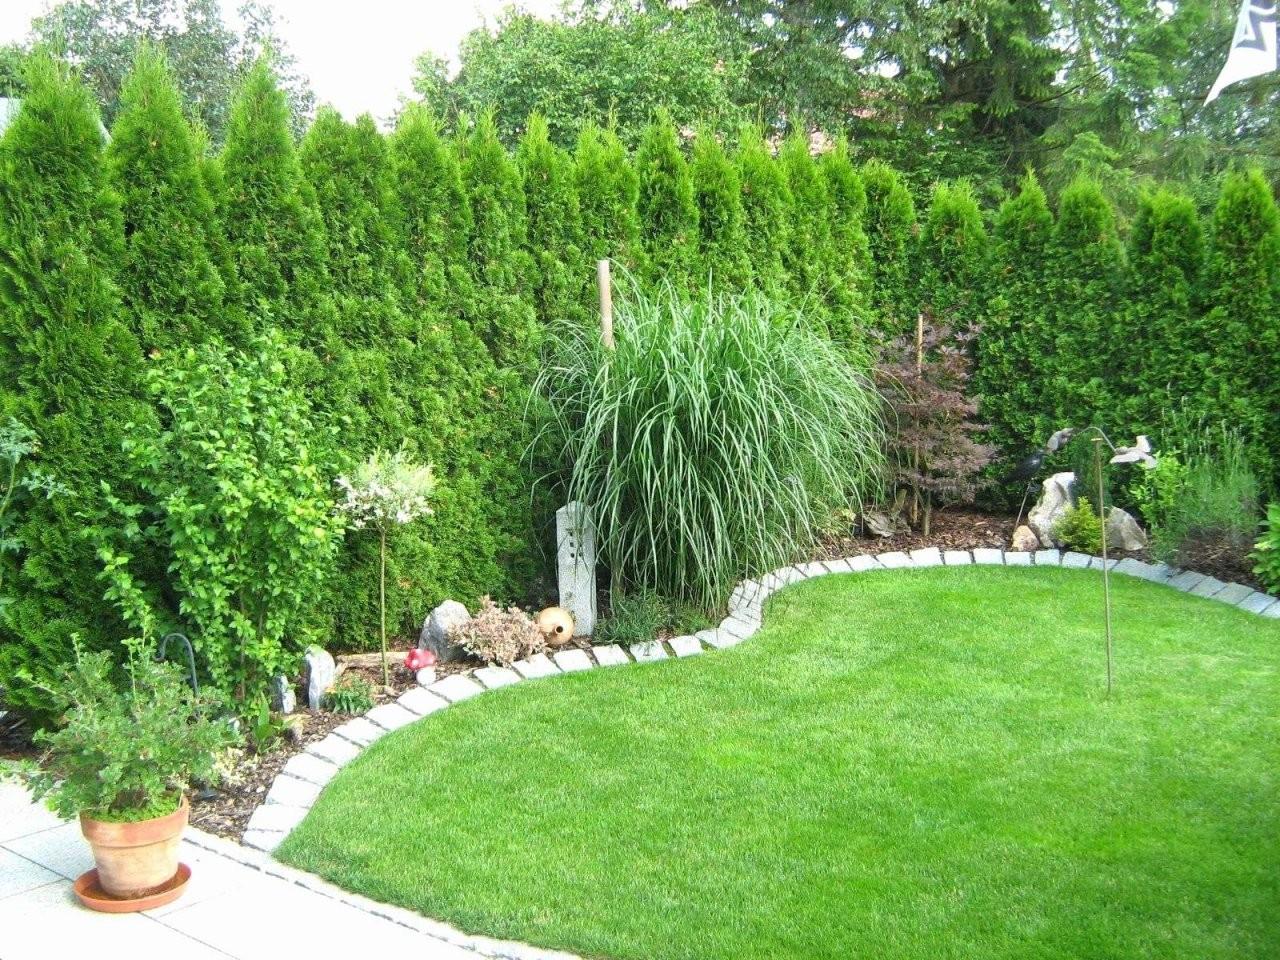 Selber Machen Garten Das Beste Von Garten Dekorieren Frisch Garten von Dekoration Garten Selber Machen Photo